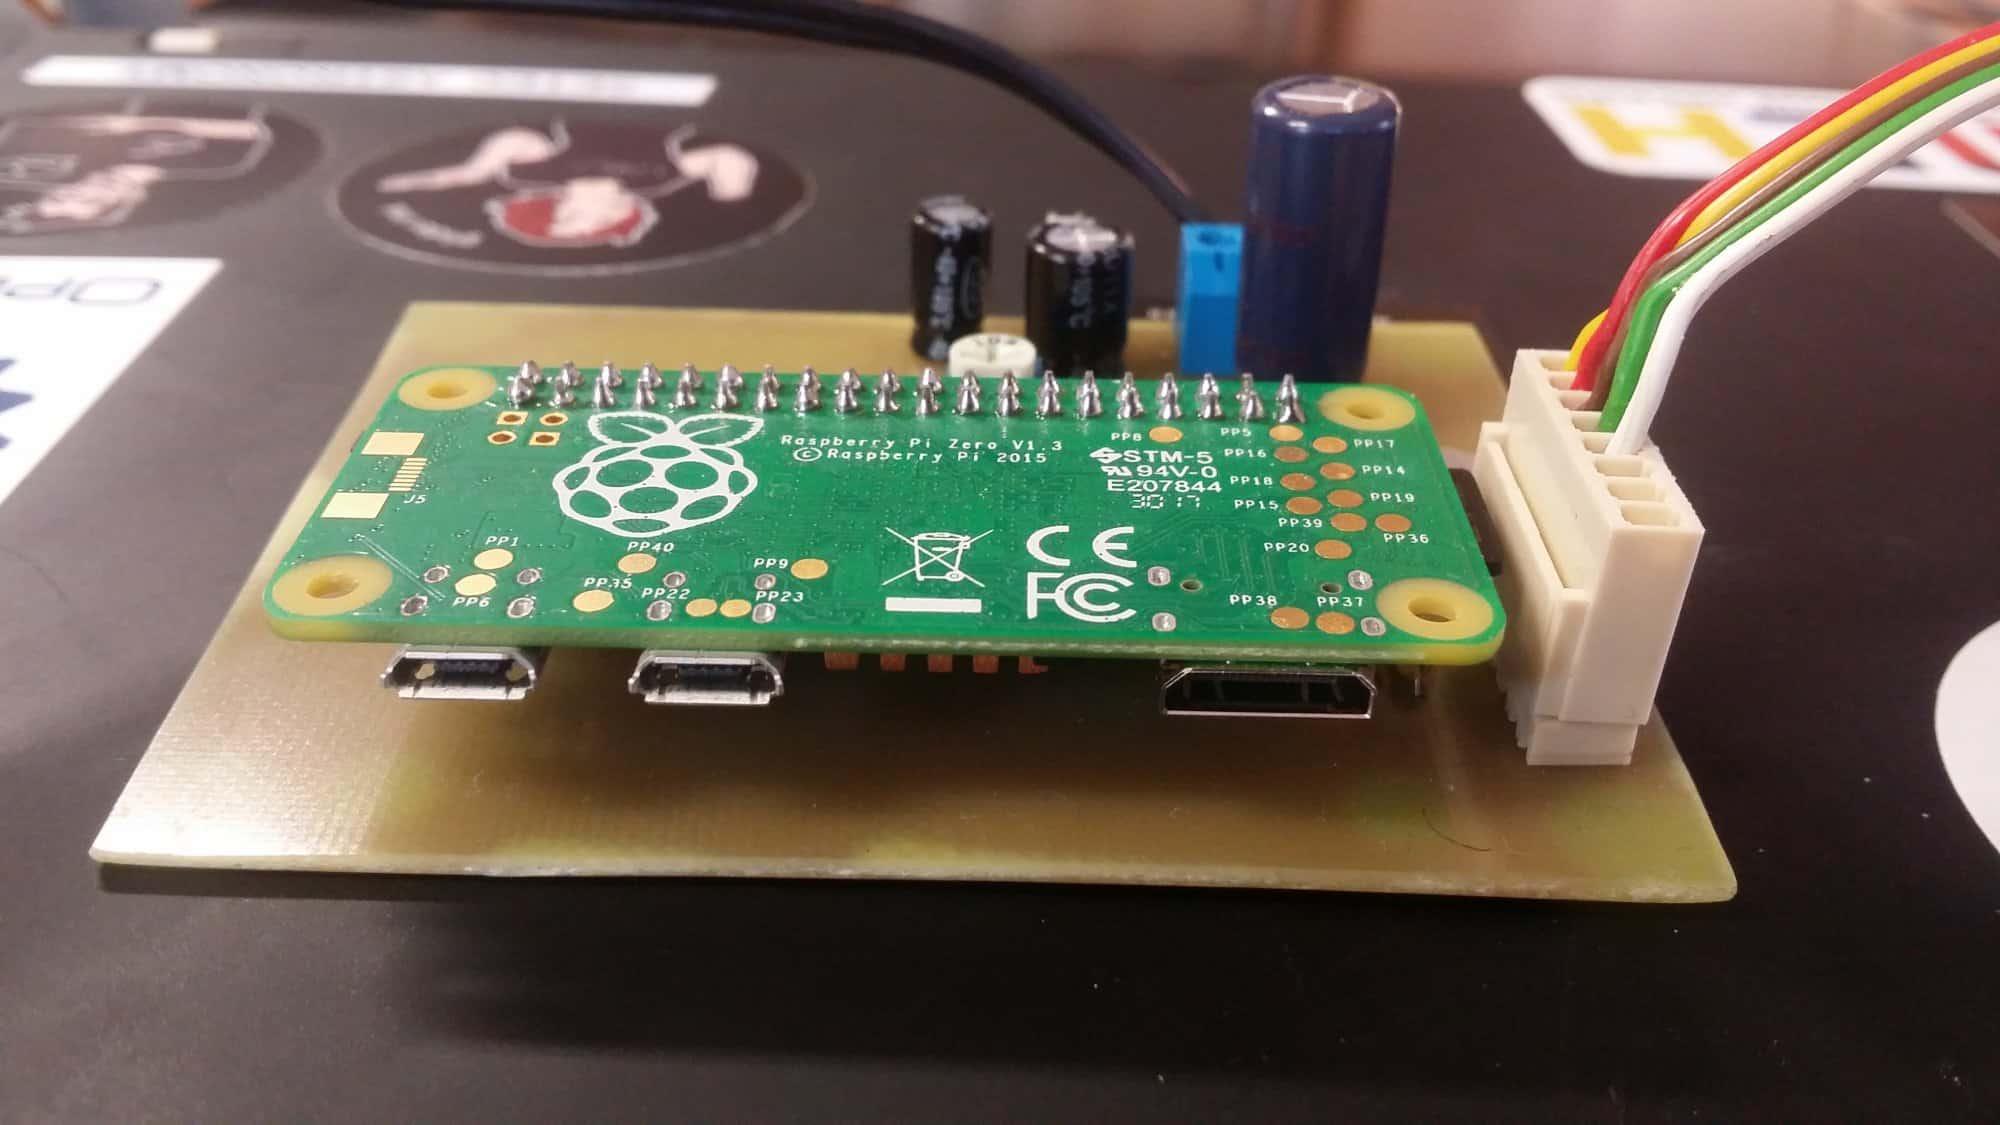 Moduł z wyjściem audio do Raspberry Pi Zero